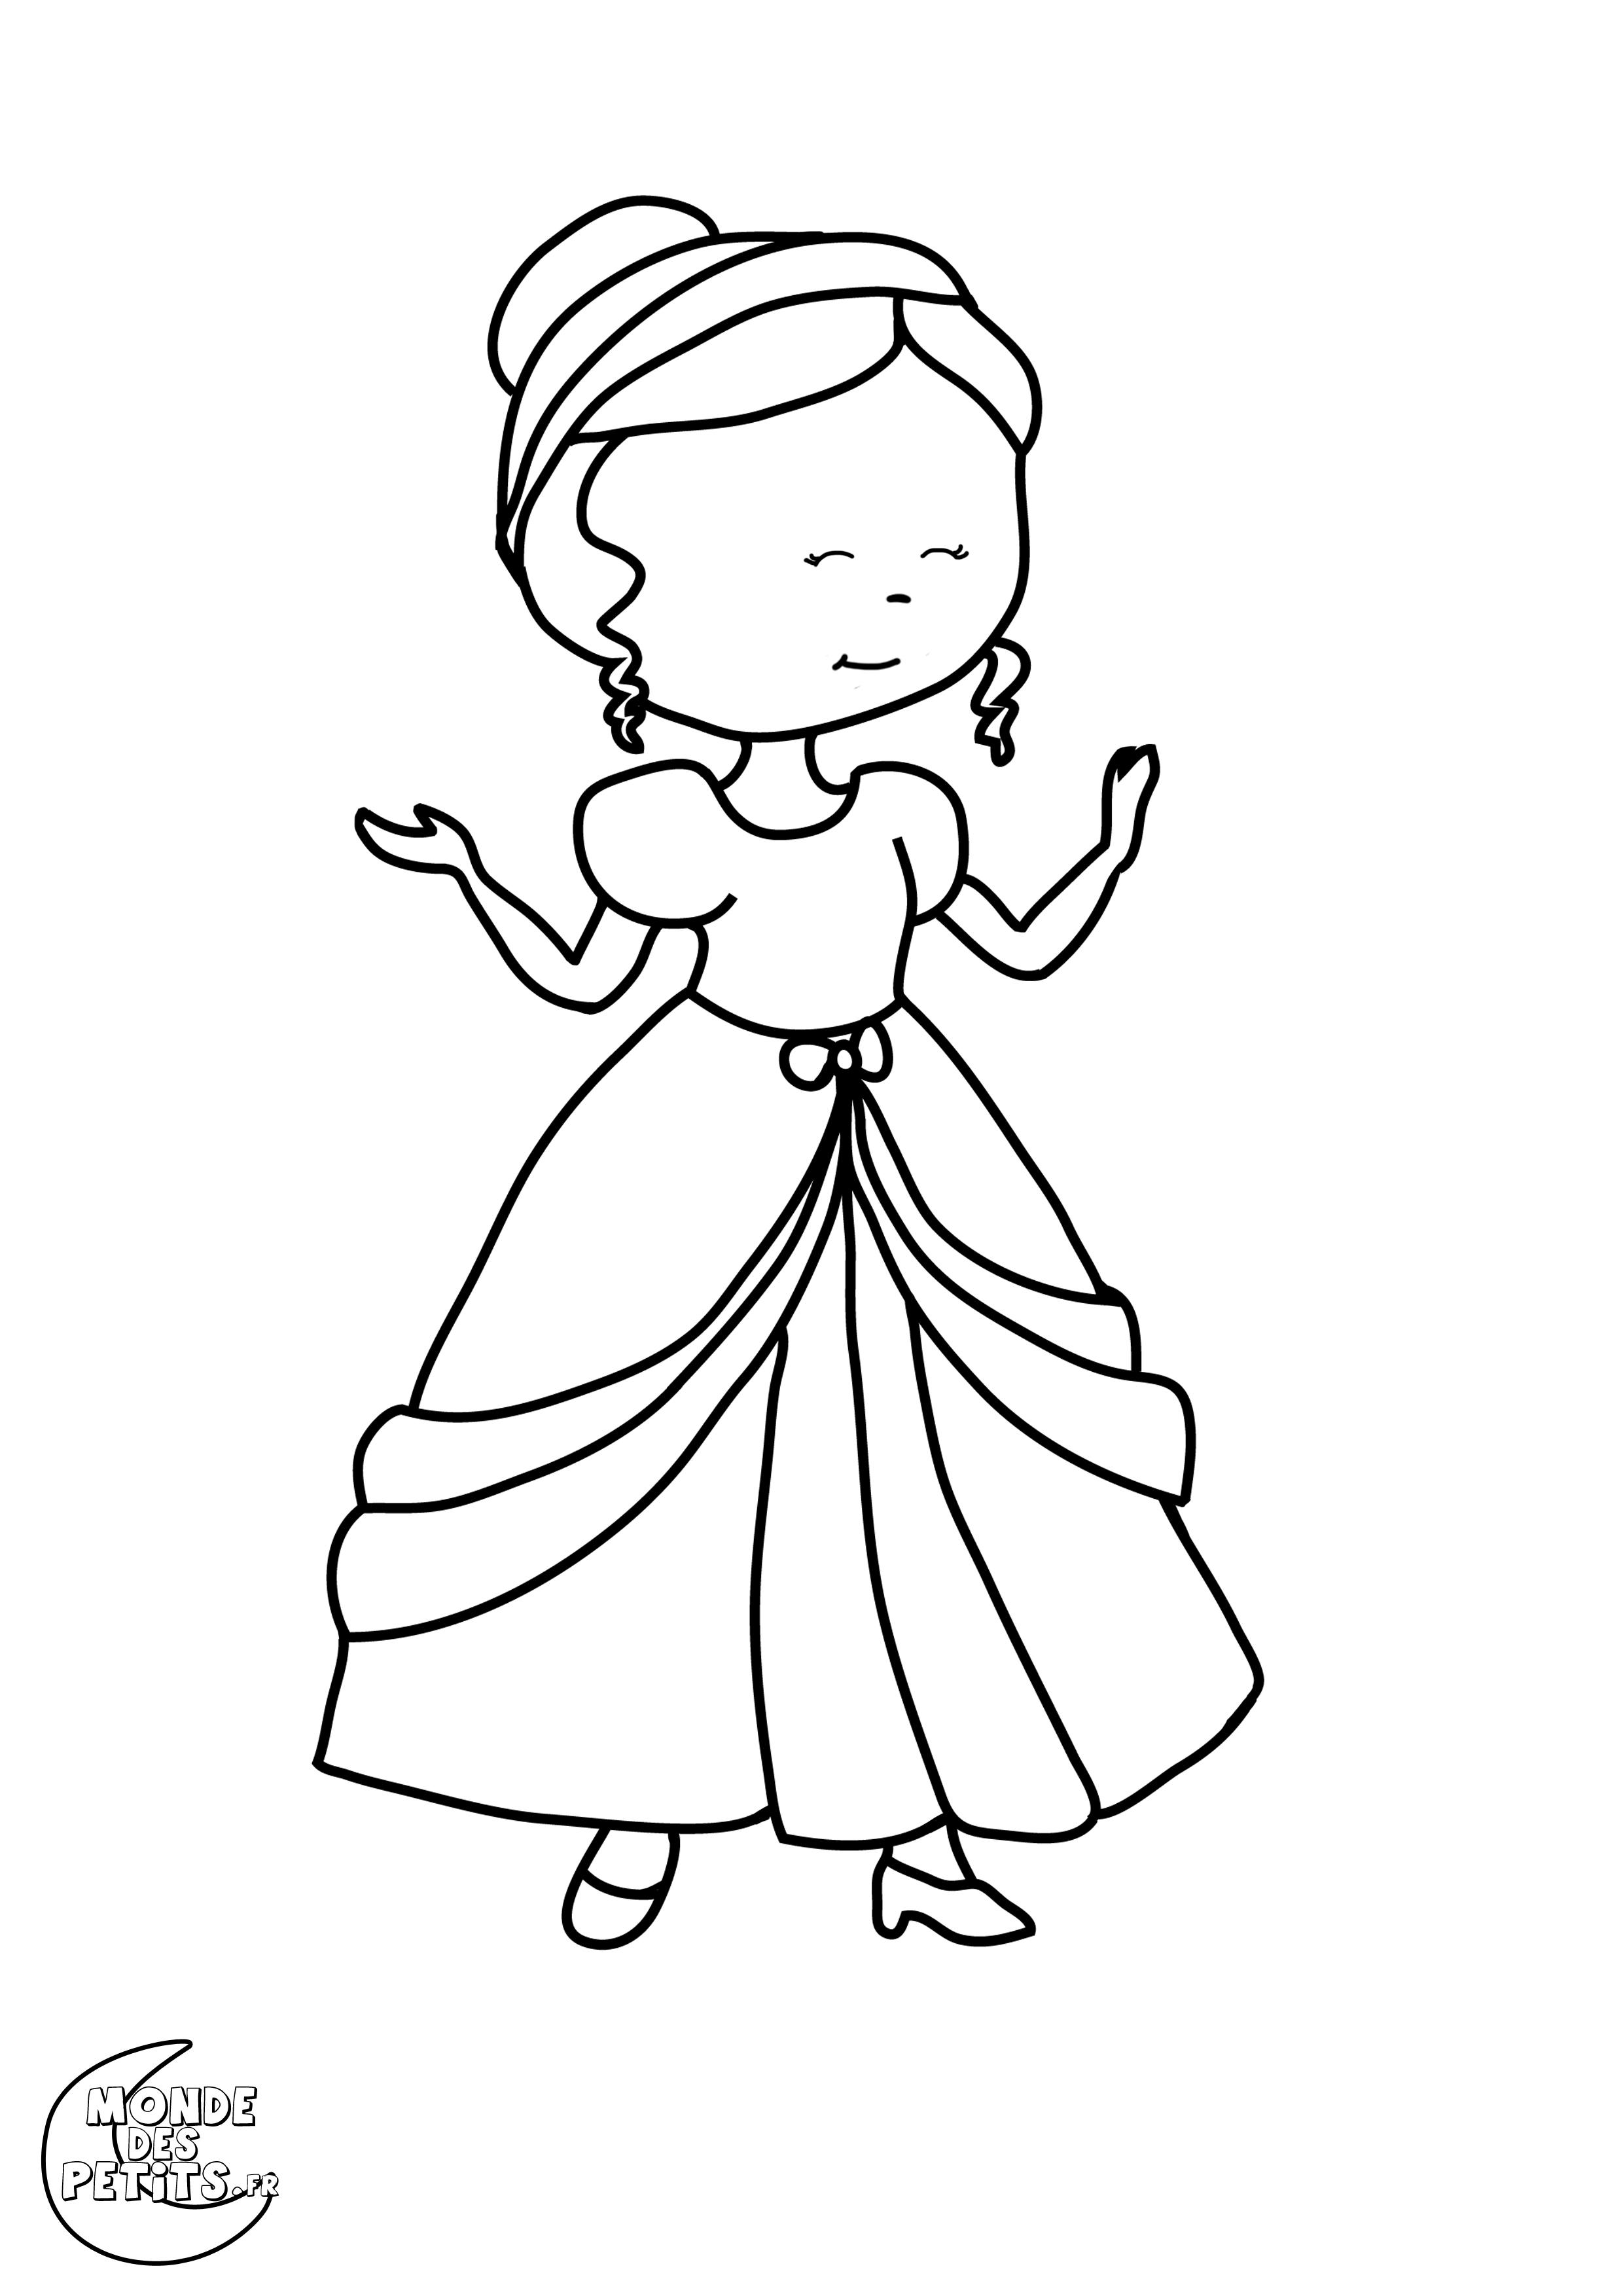 Princesse 5 coloriage princesses coloriages pour enfants - Image de princesse ...